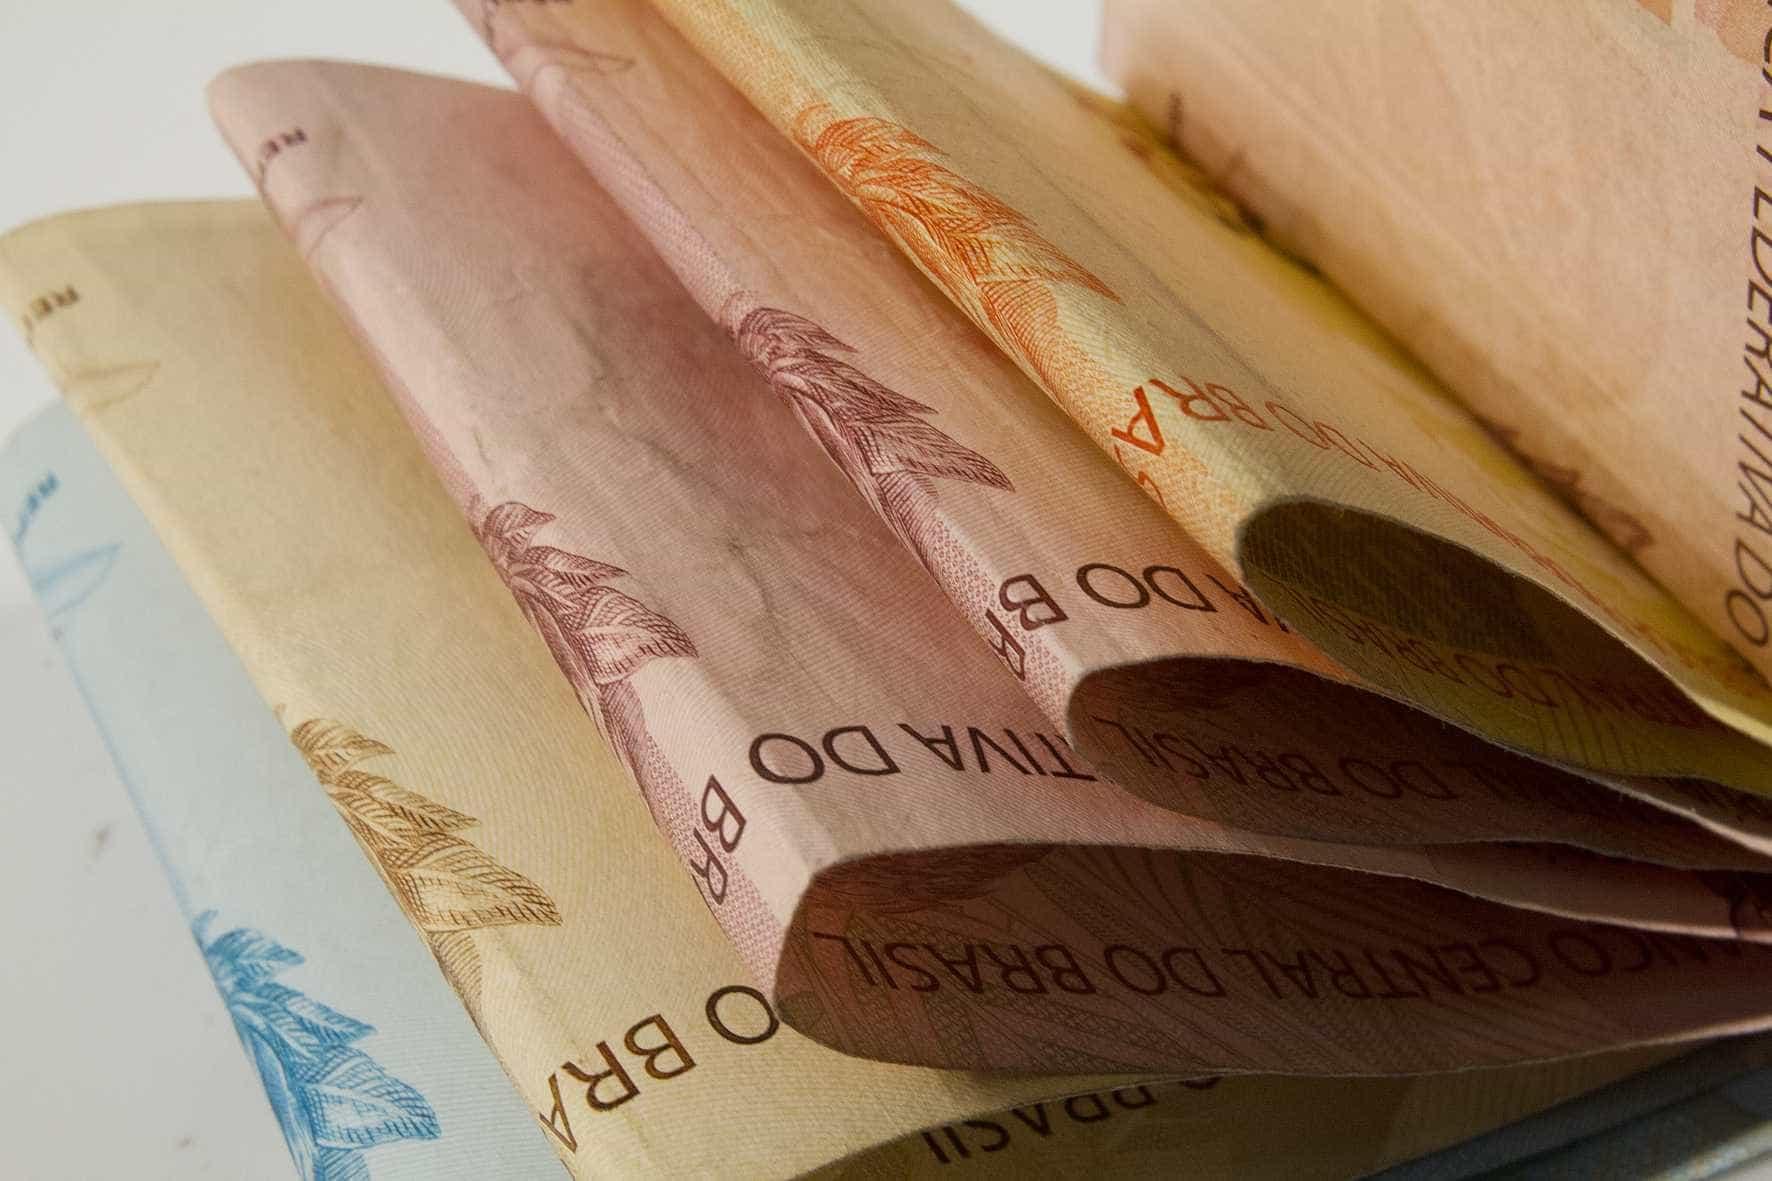 Decreto limita gastos do governo federal até março